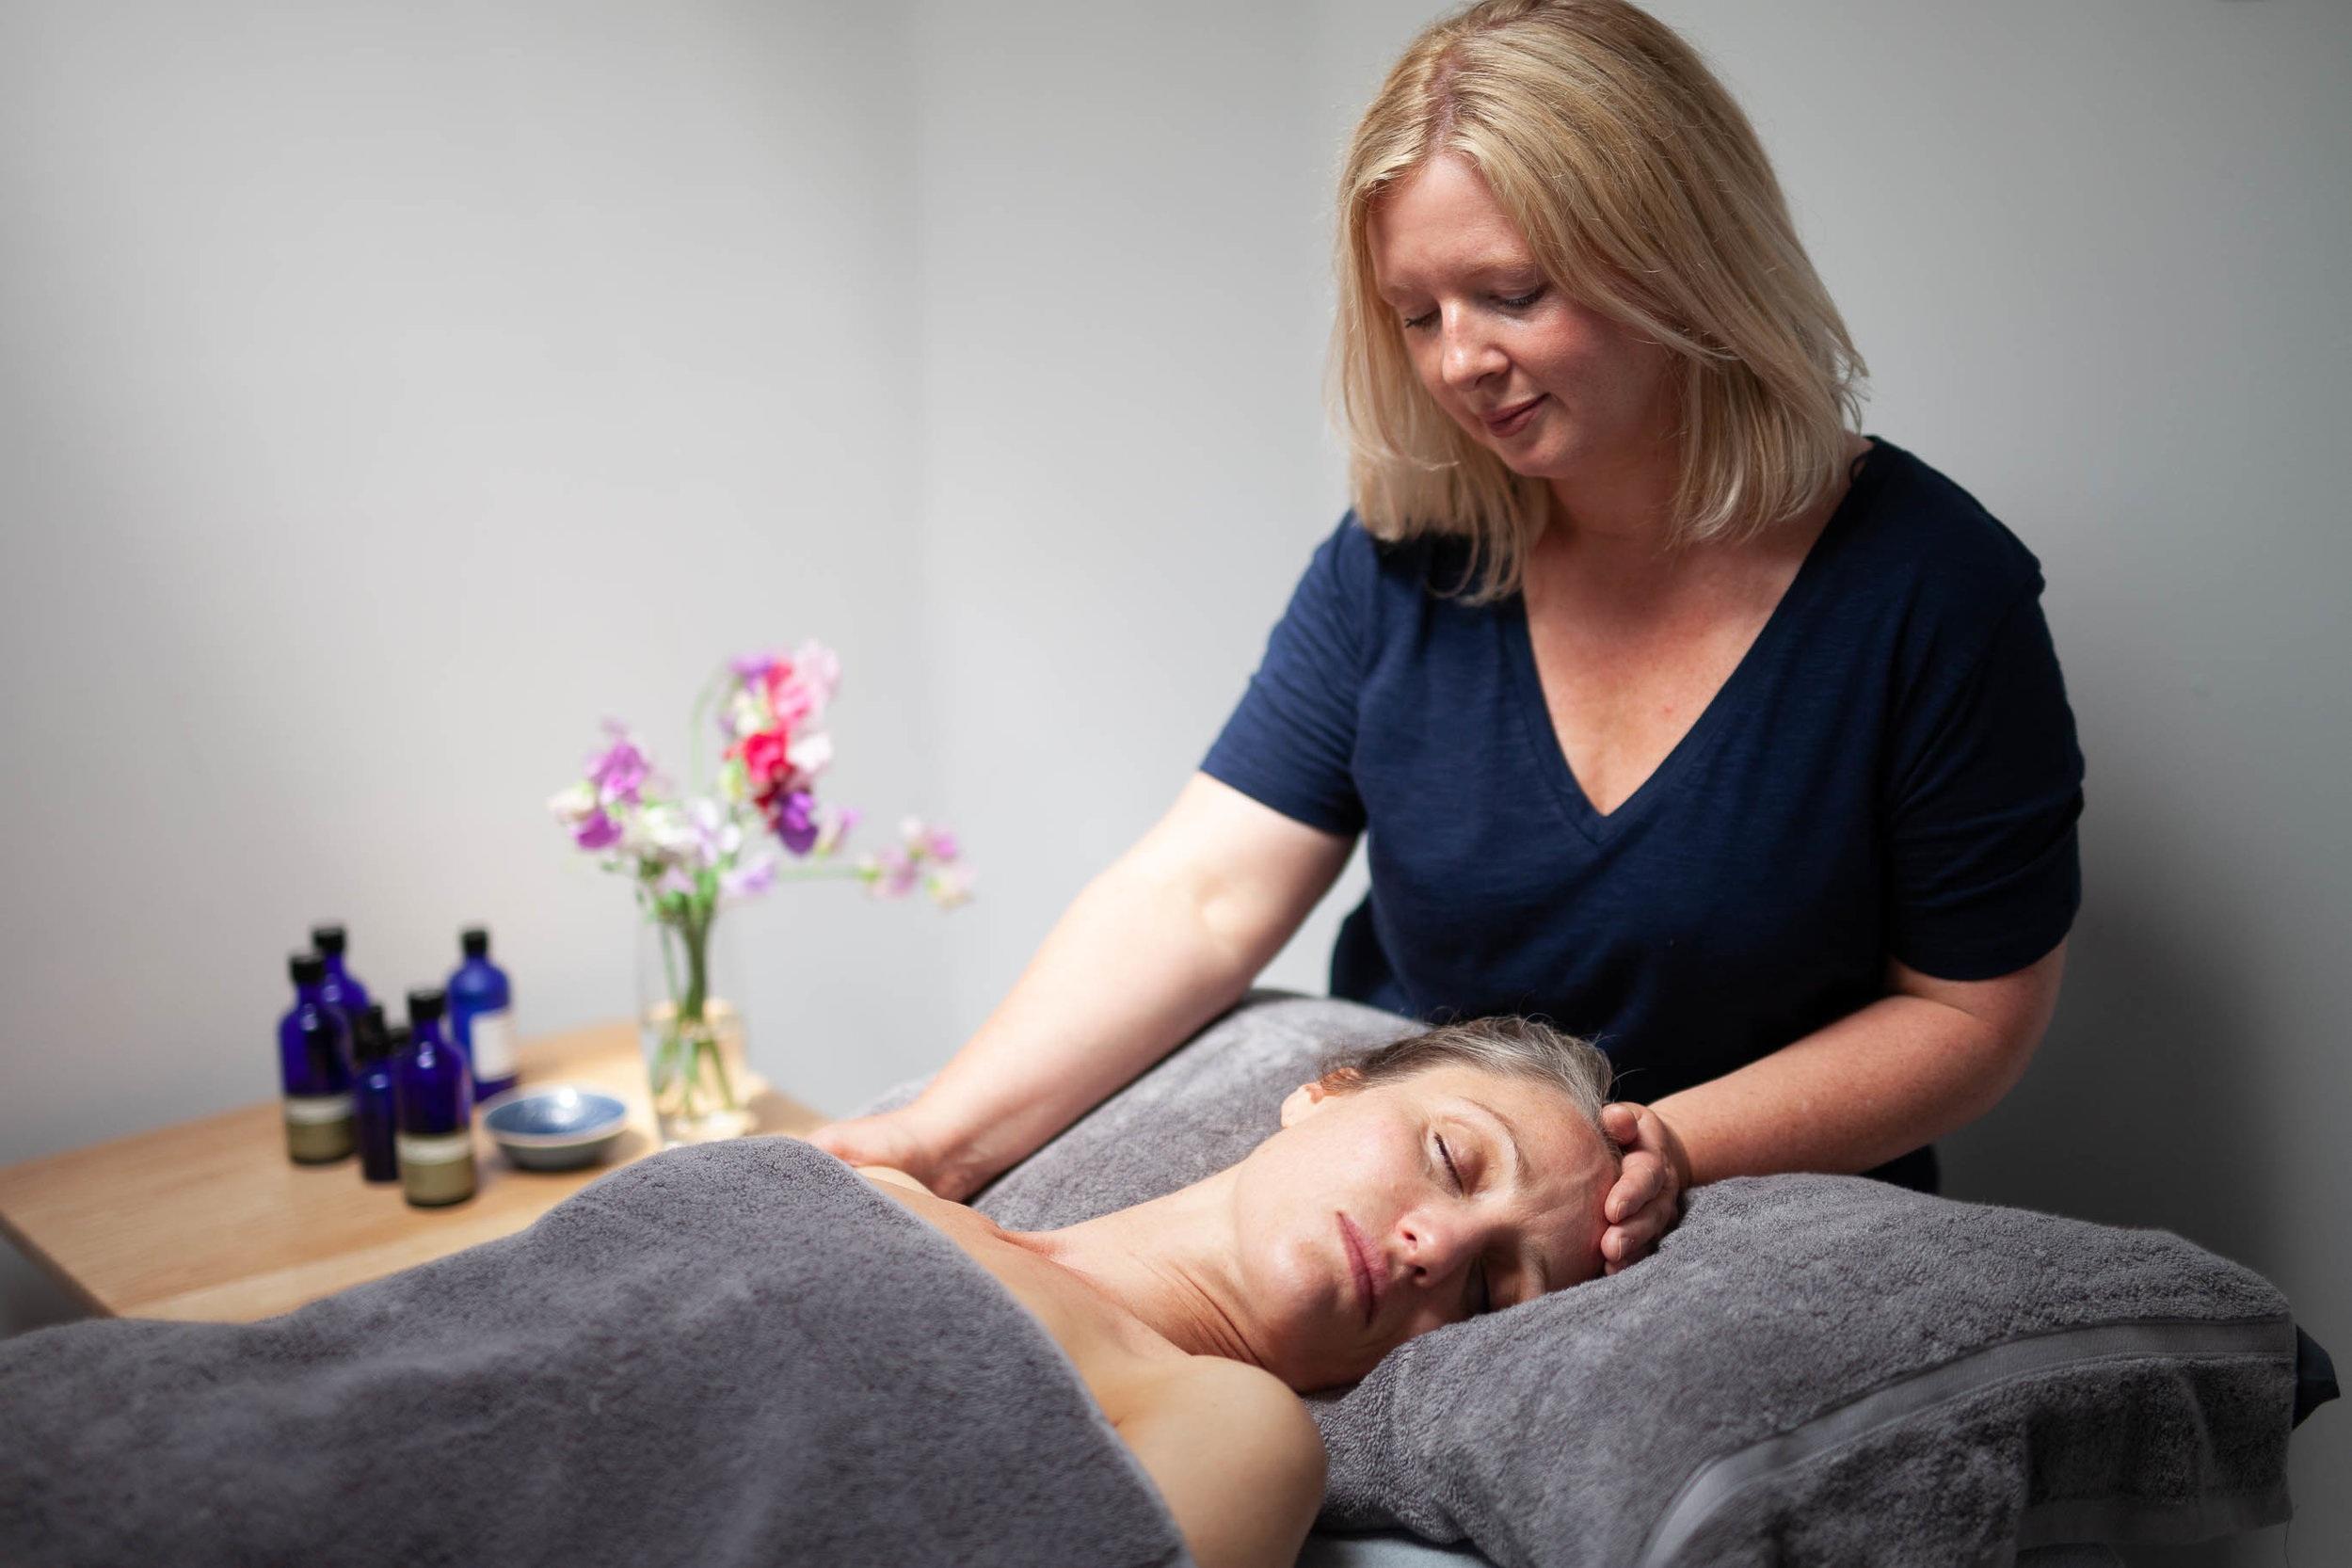 %C2%A9natashabidgood-lisa-massage-6599.jpg